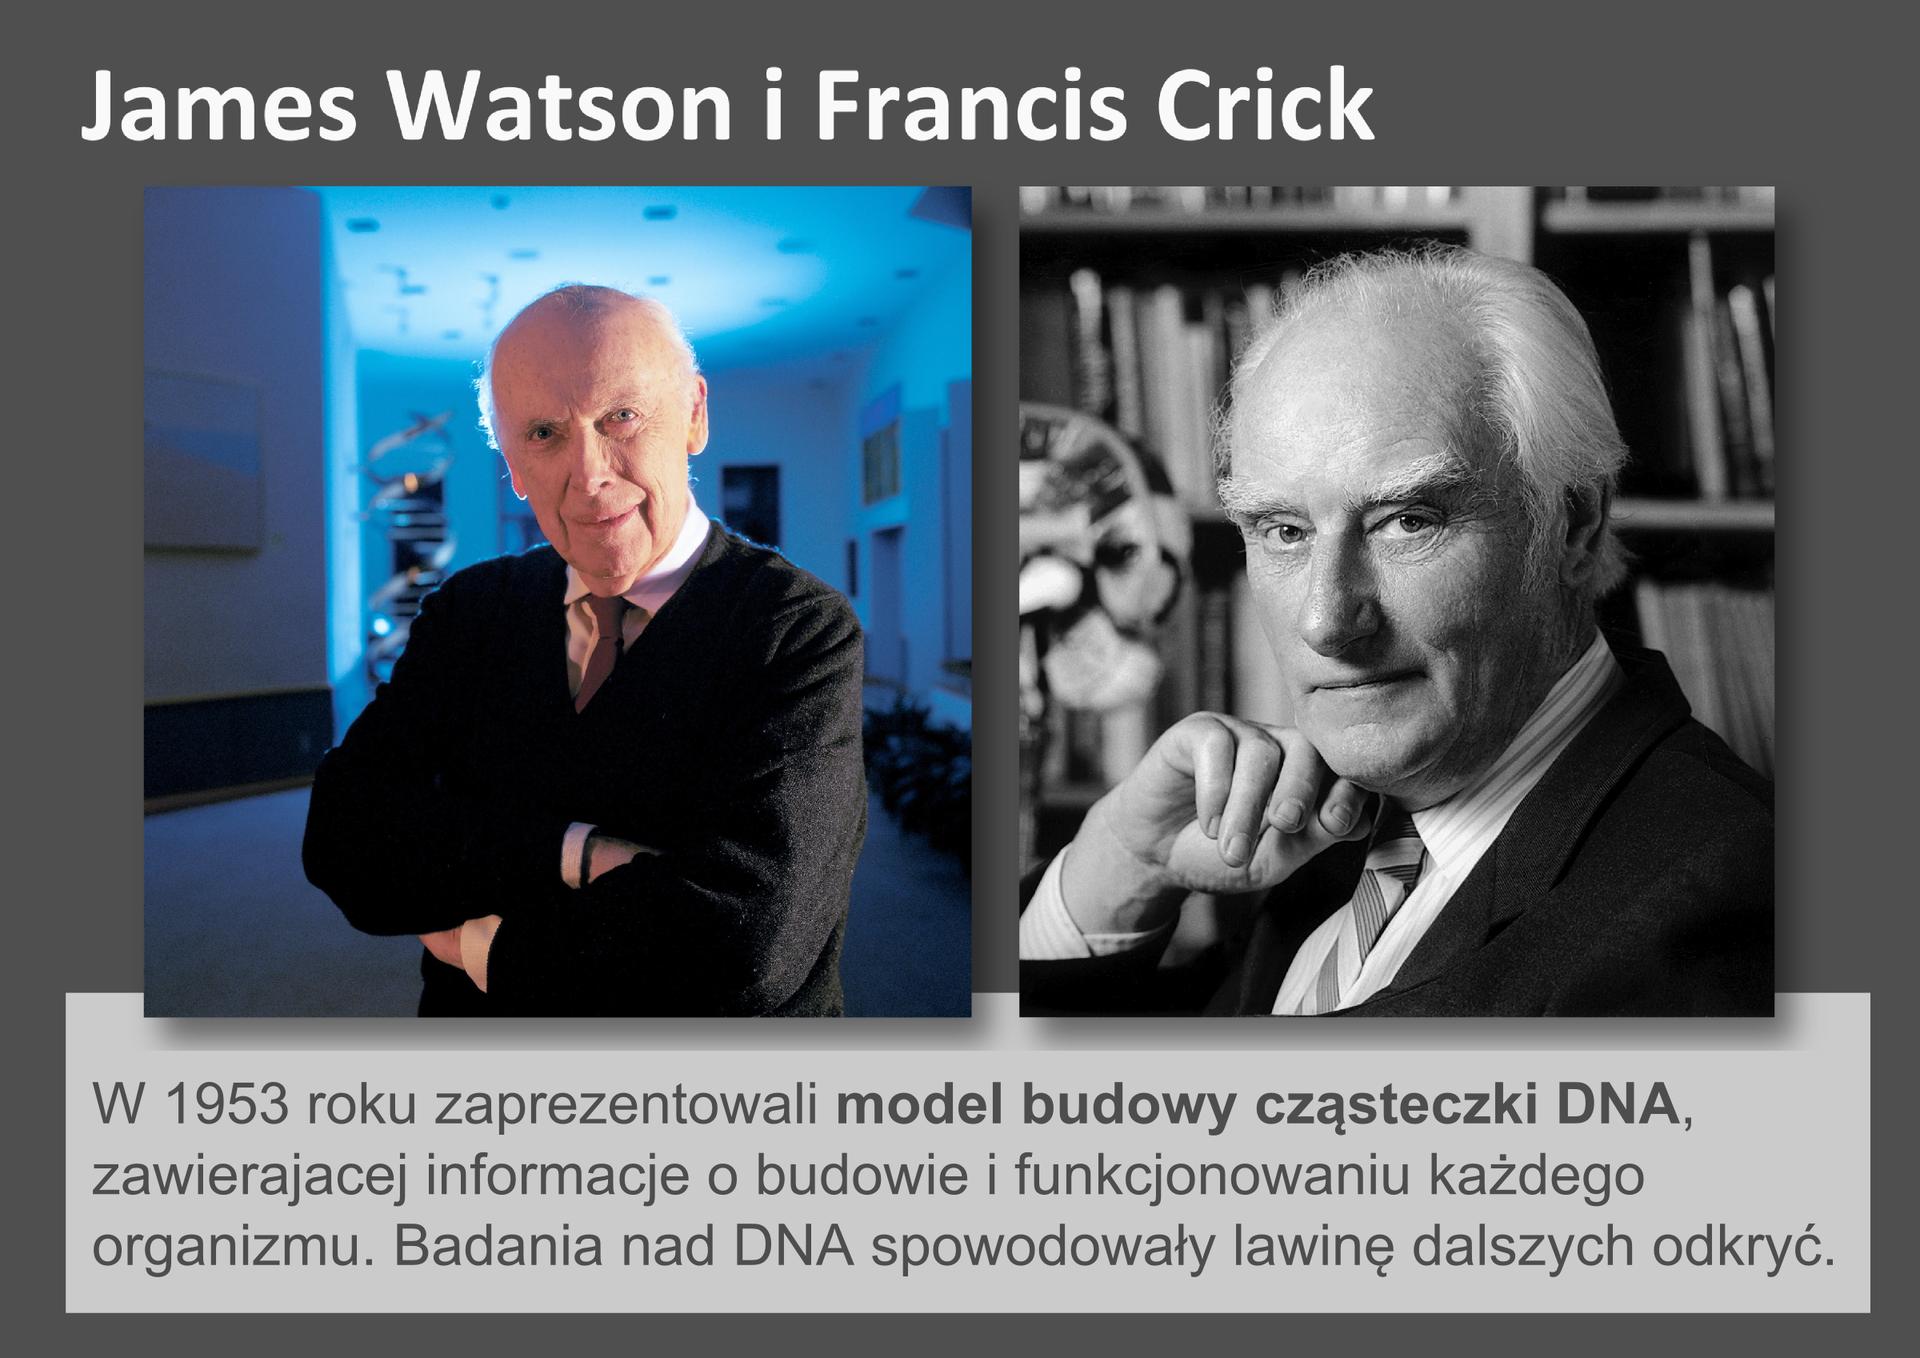 Galeria przedstawia pionierów nauk przyrodniczych. Składa się zdziewięciu slajdów wpostaci ilustracji iumieszczonego obok opisu. Ilustracje pojawiają się kolejno, kiedy klika się wstrzałki, znajdujące się po prawej ilewej stronie ilustracji. Ostatni slajd to fotografie dwóch uśmiechniętych, angielskich uczonych: Jamesa Watsona iFrancisa Cricka. W1953 roku zaprezentowali model budowy cząsteczki DNA, co zapoczątkowało wiele nowych odkryć.